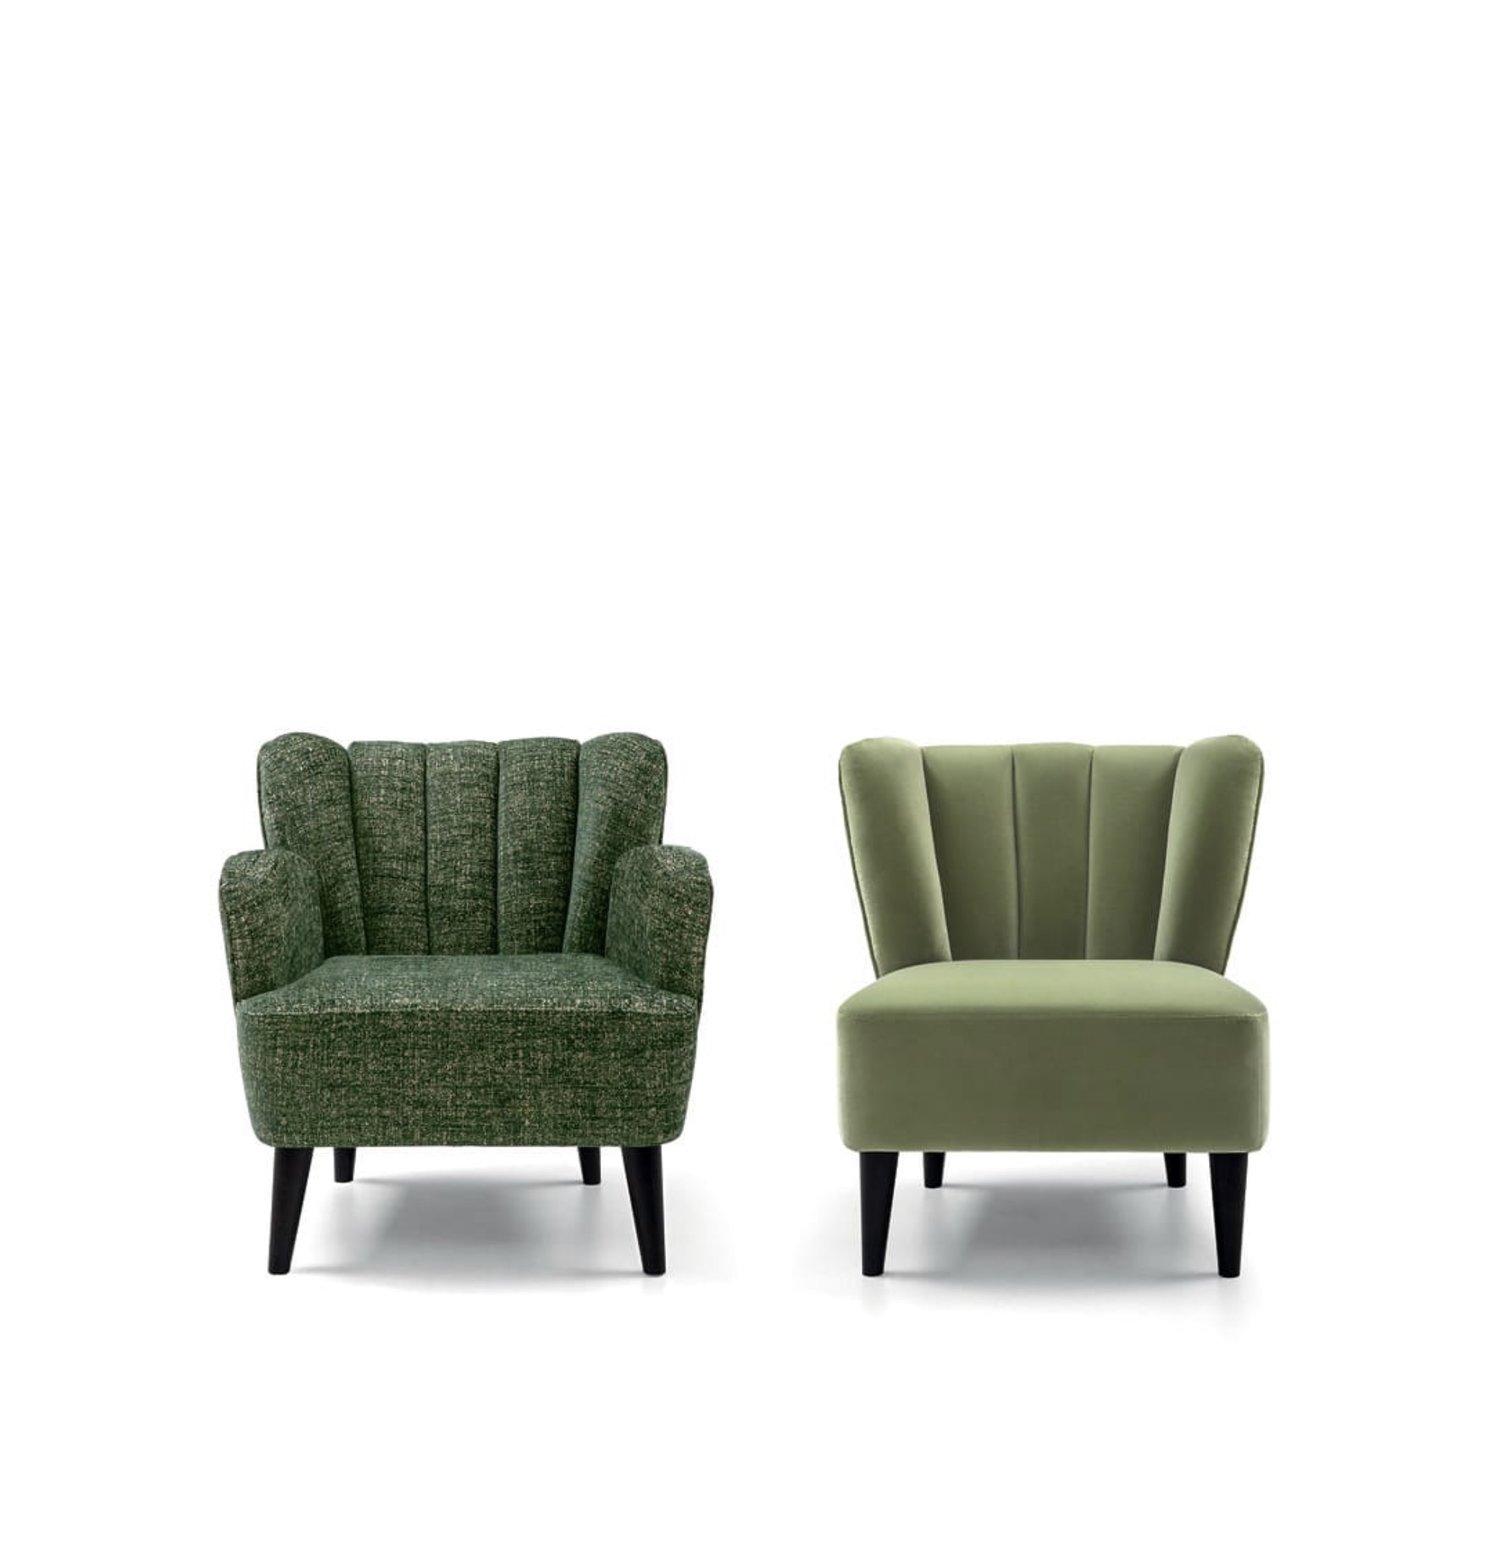 AMC 116 Modern Lounge Chair